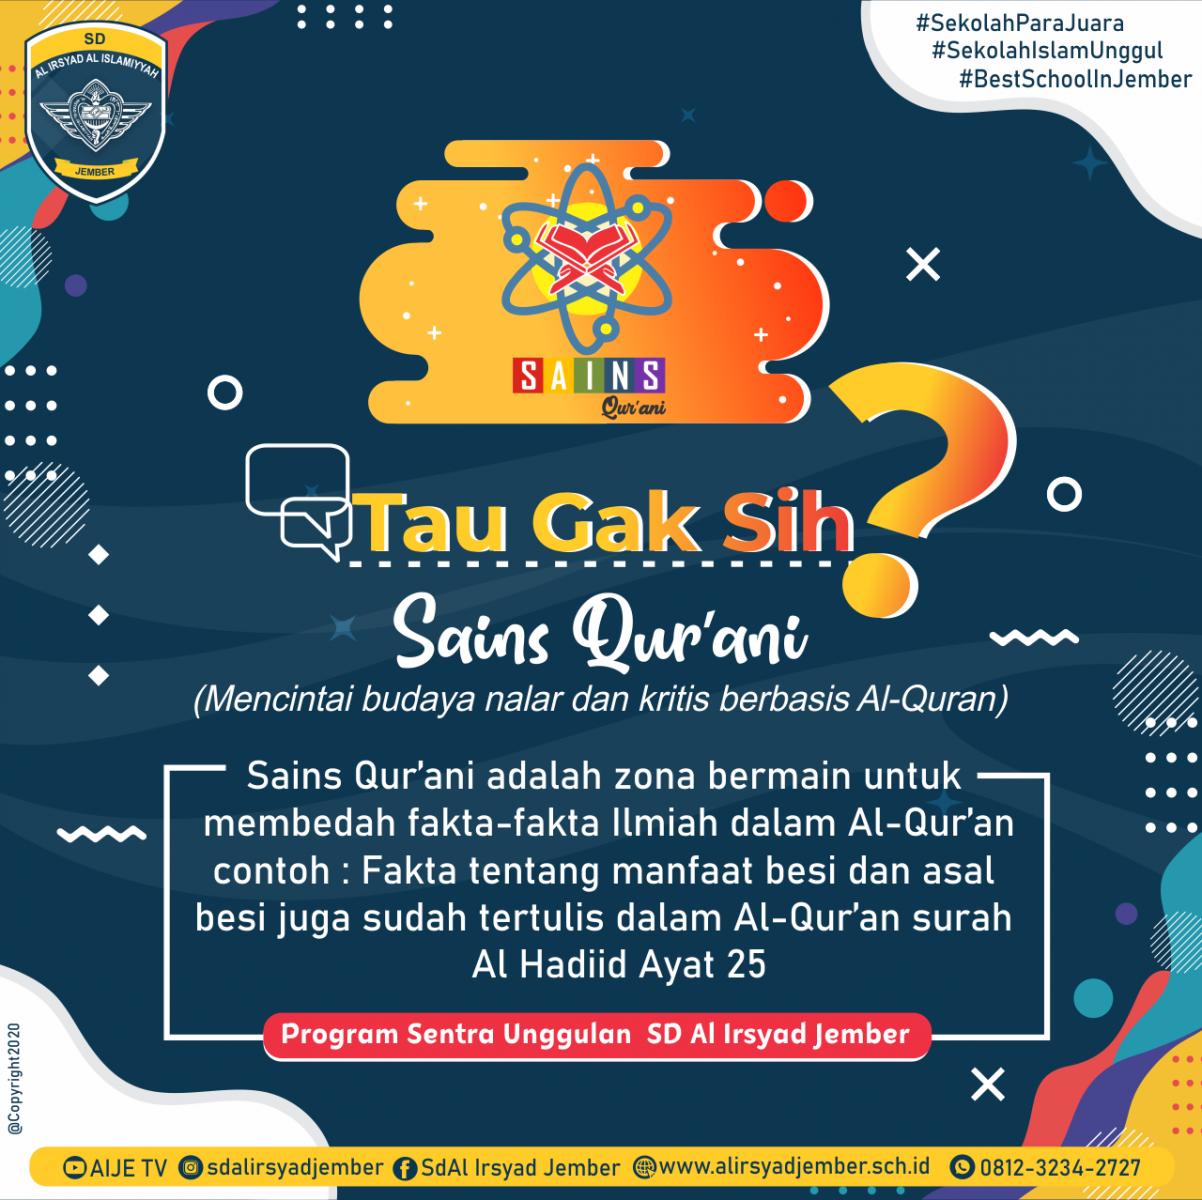 Tau-Gak-Sih-Sains-Qurani